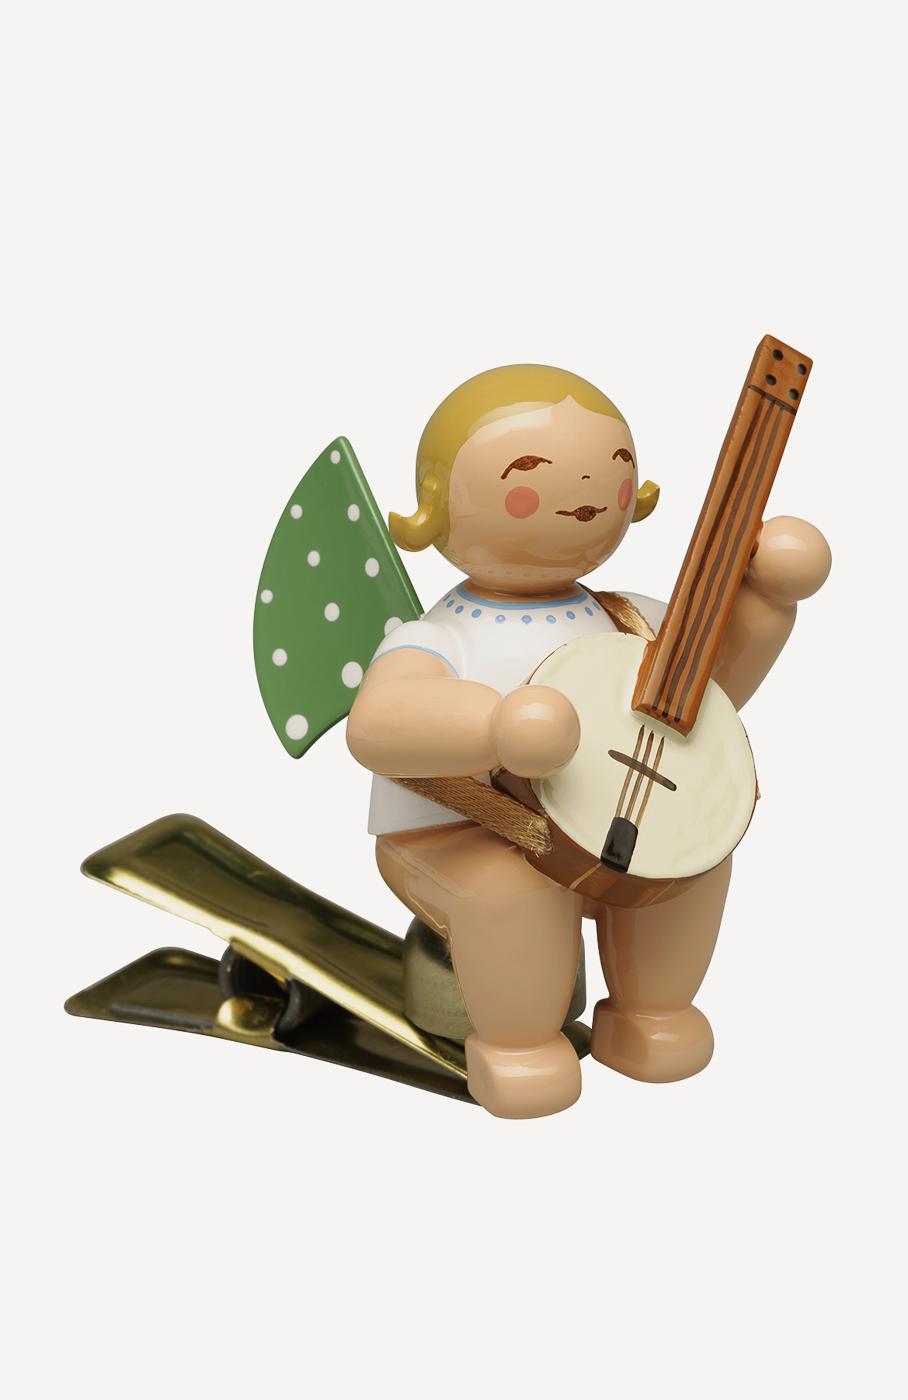 Engel mit Banjo, auf Klemme